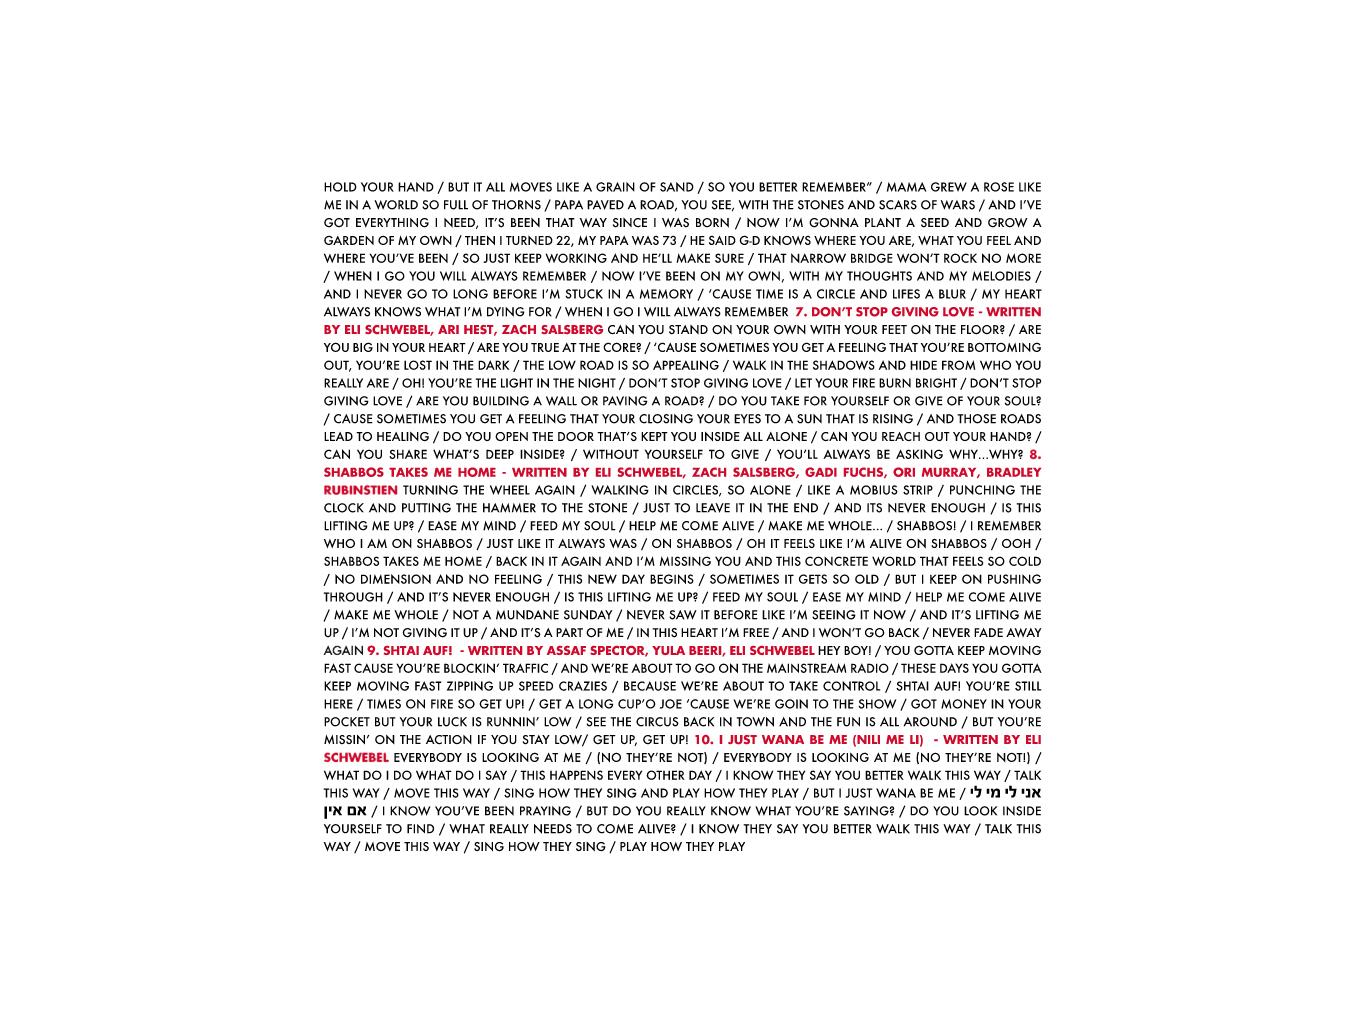 album_lyrics2 copy.jpg